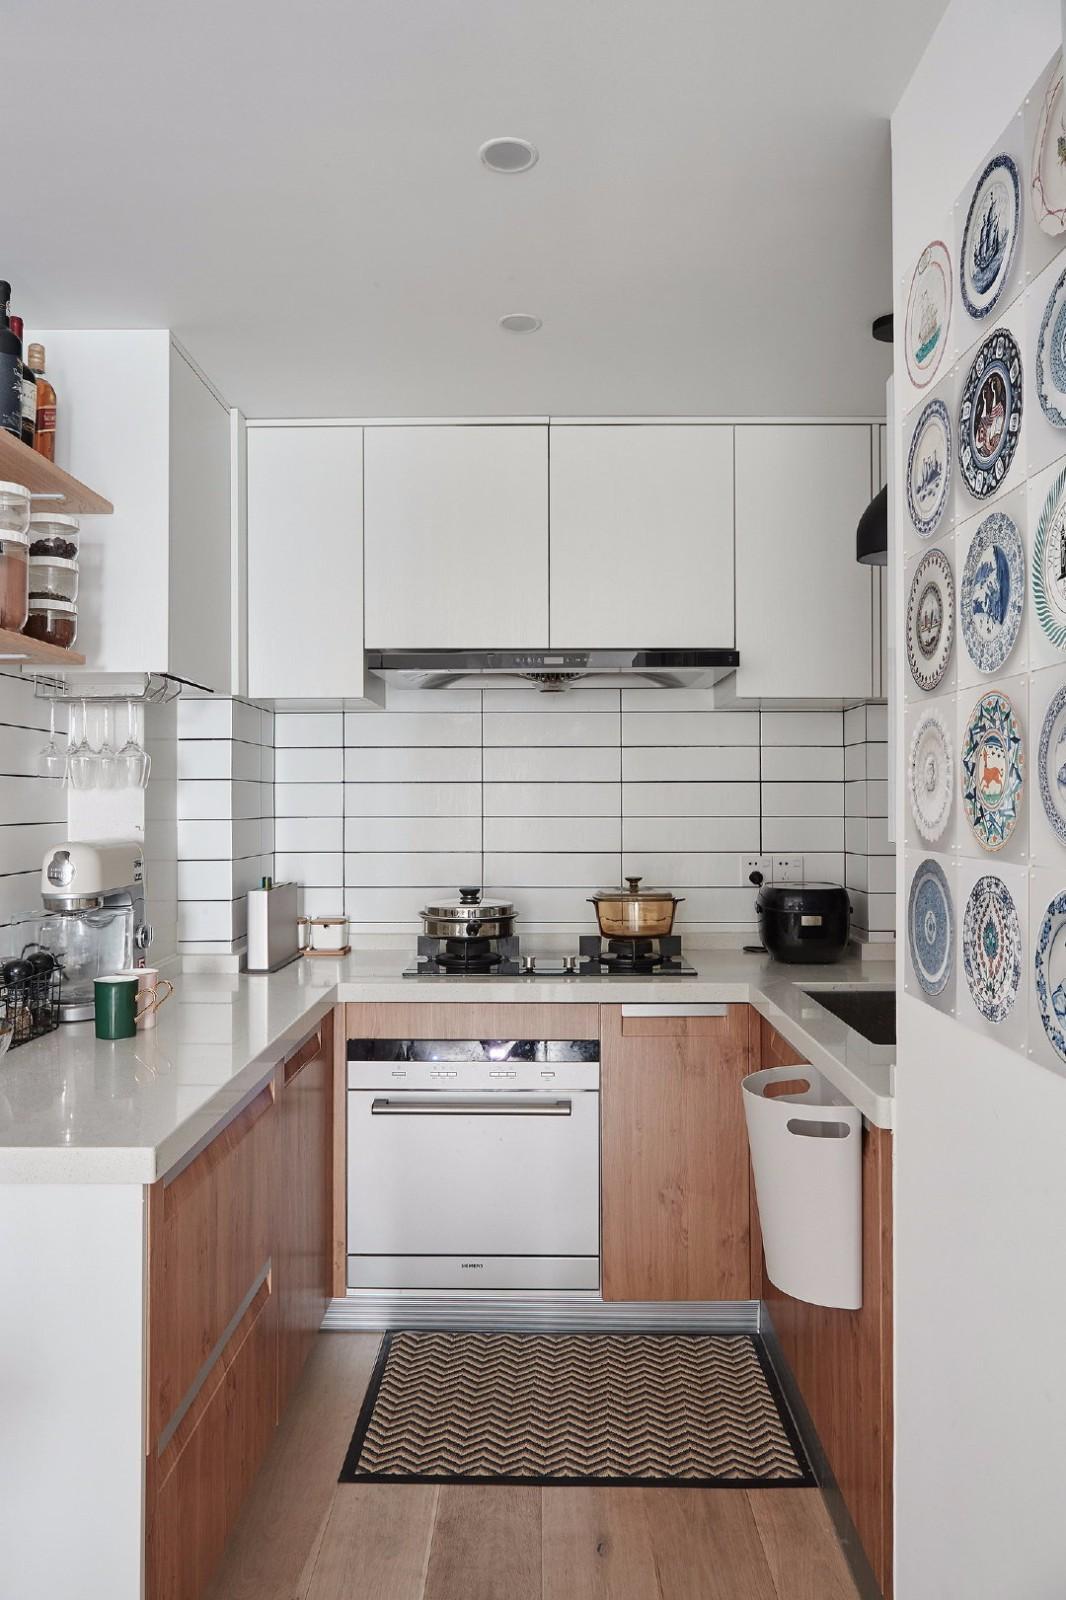 2020北歐廚房裝修圖 2020北歐灶臺裝修圖片